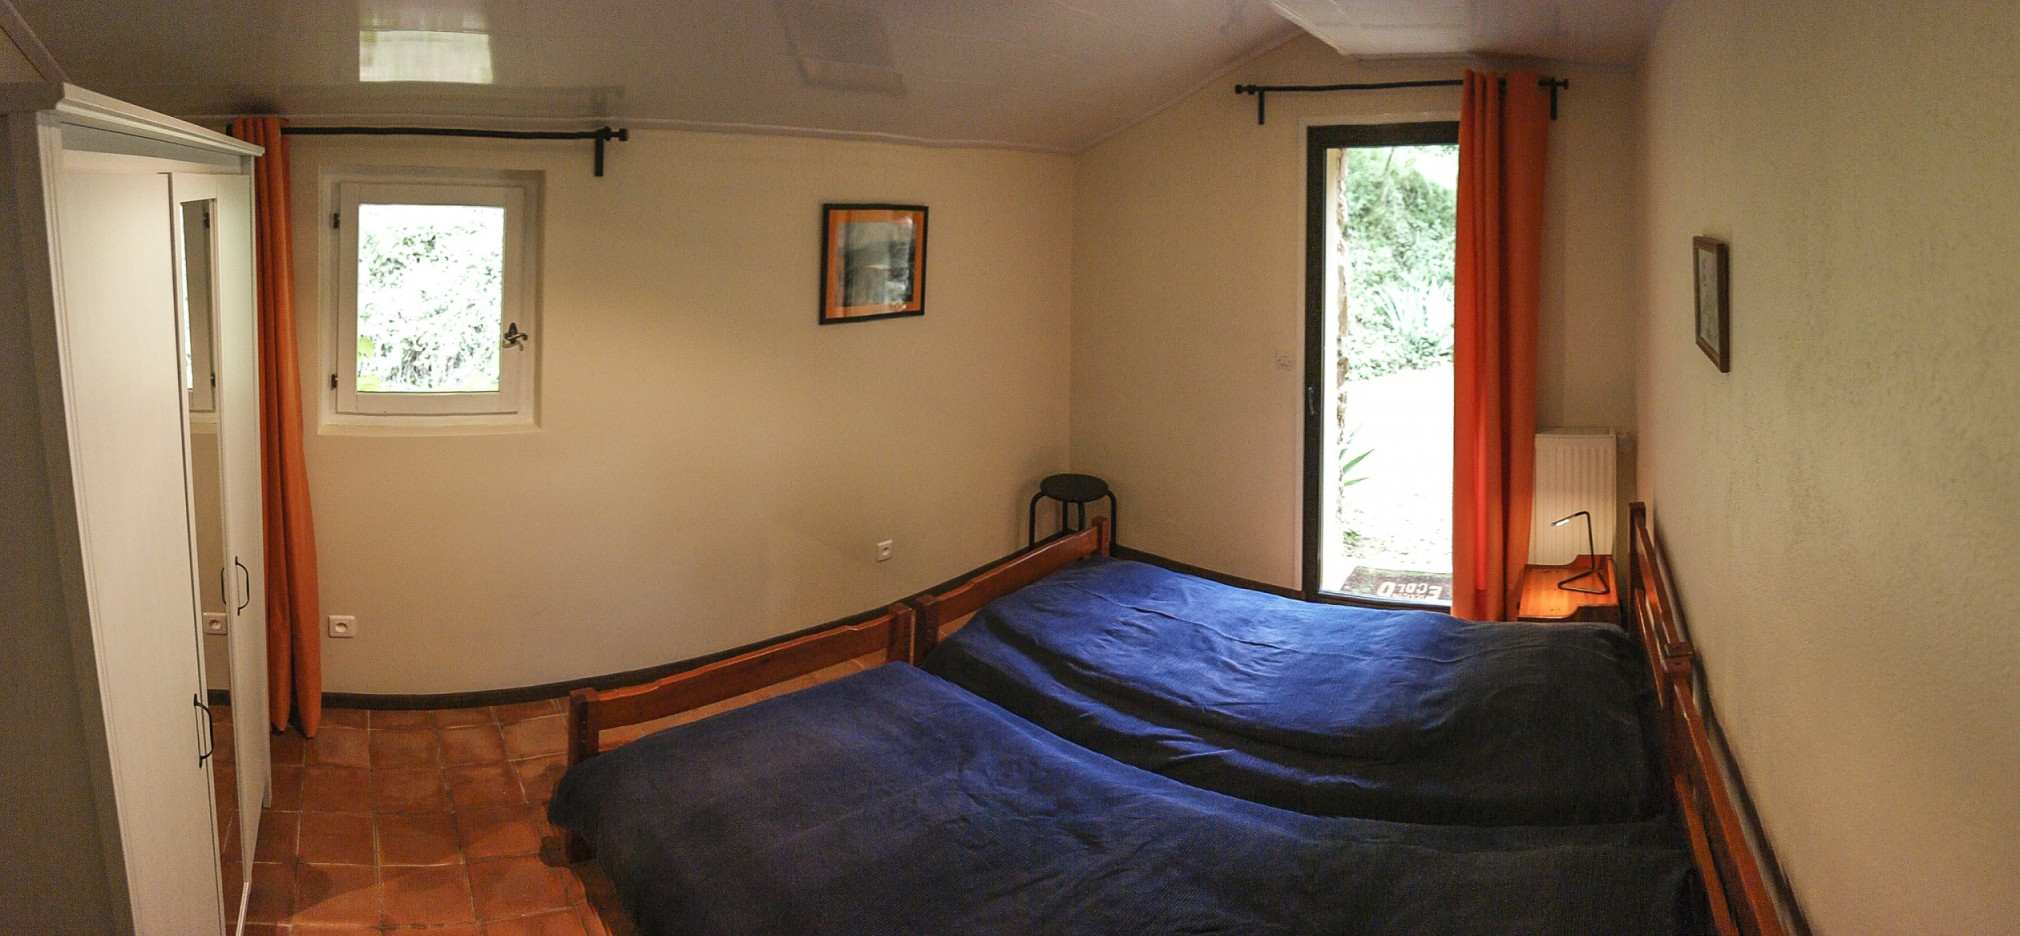 Owi Schlafzimmer unten 2